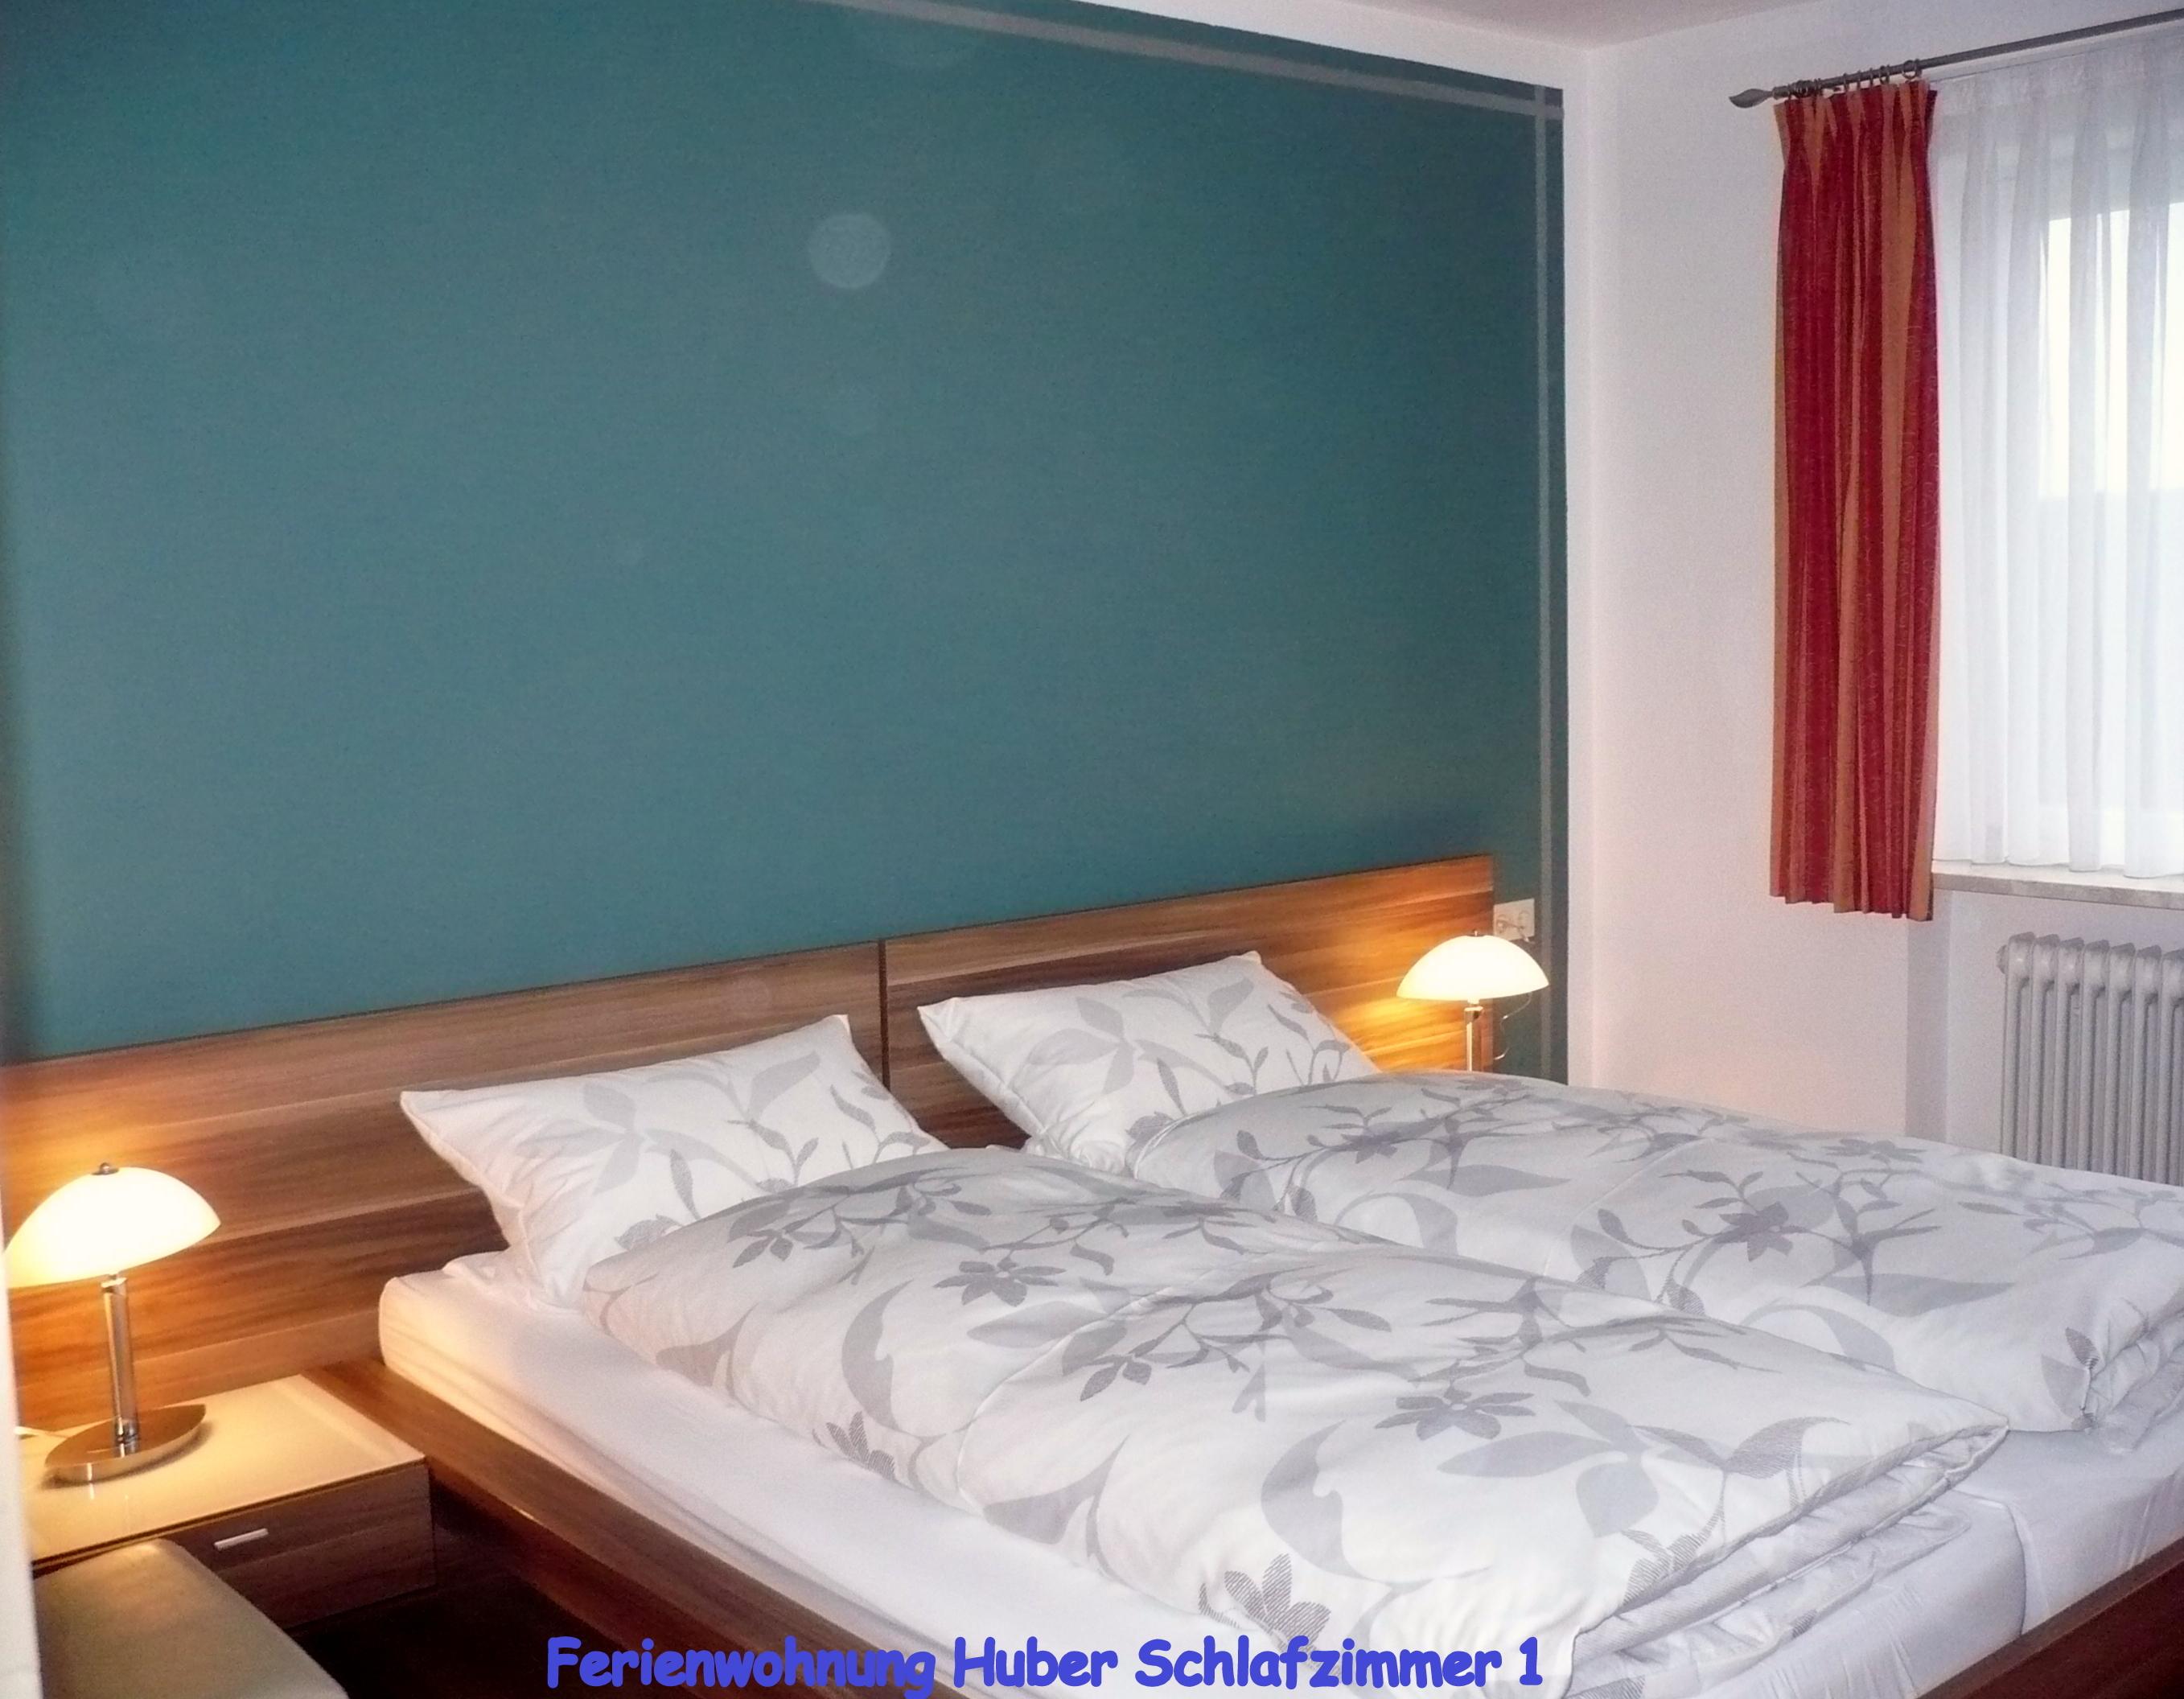 Ferienwohnung Huber, Schlafzimmer 1